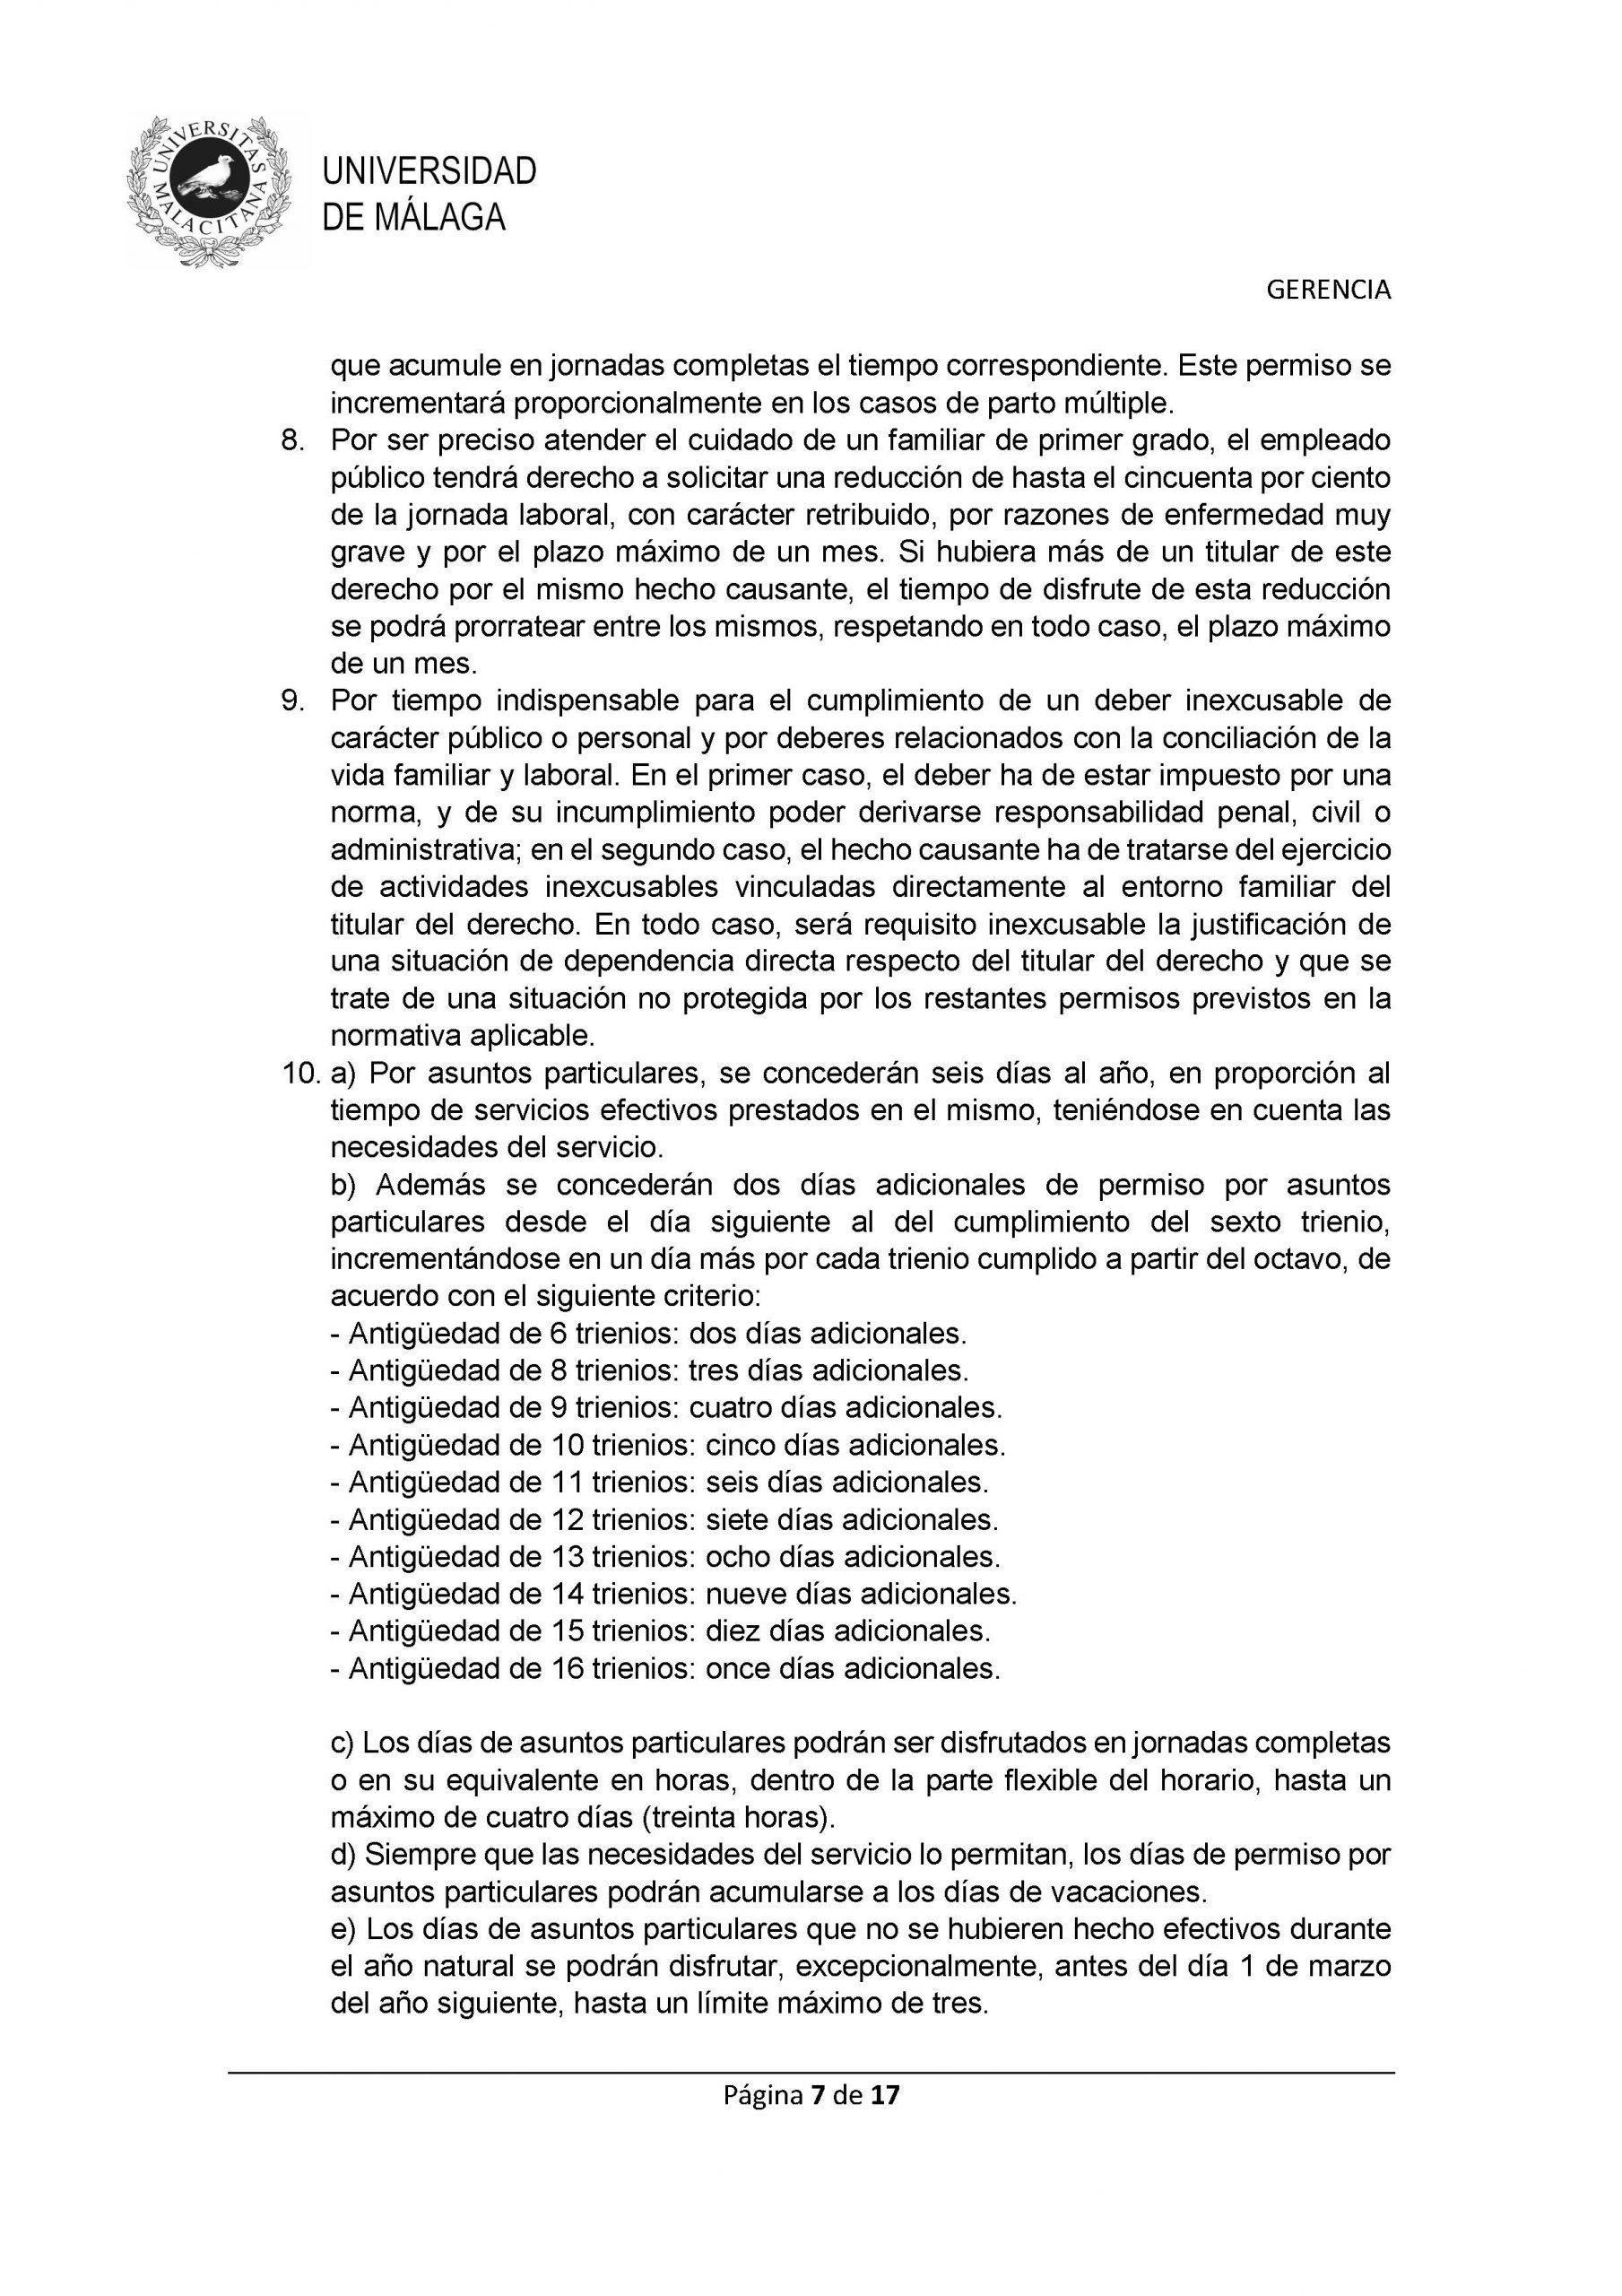 instruccion_interna_texto_final_5_de_mayo_pgina_07